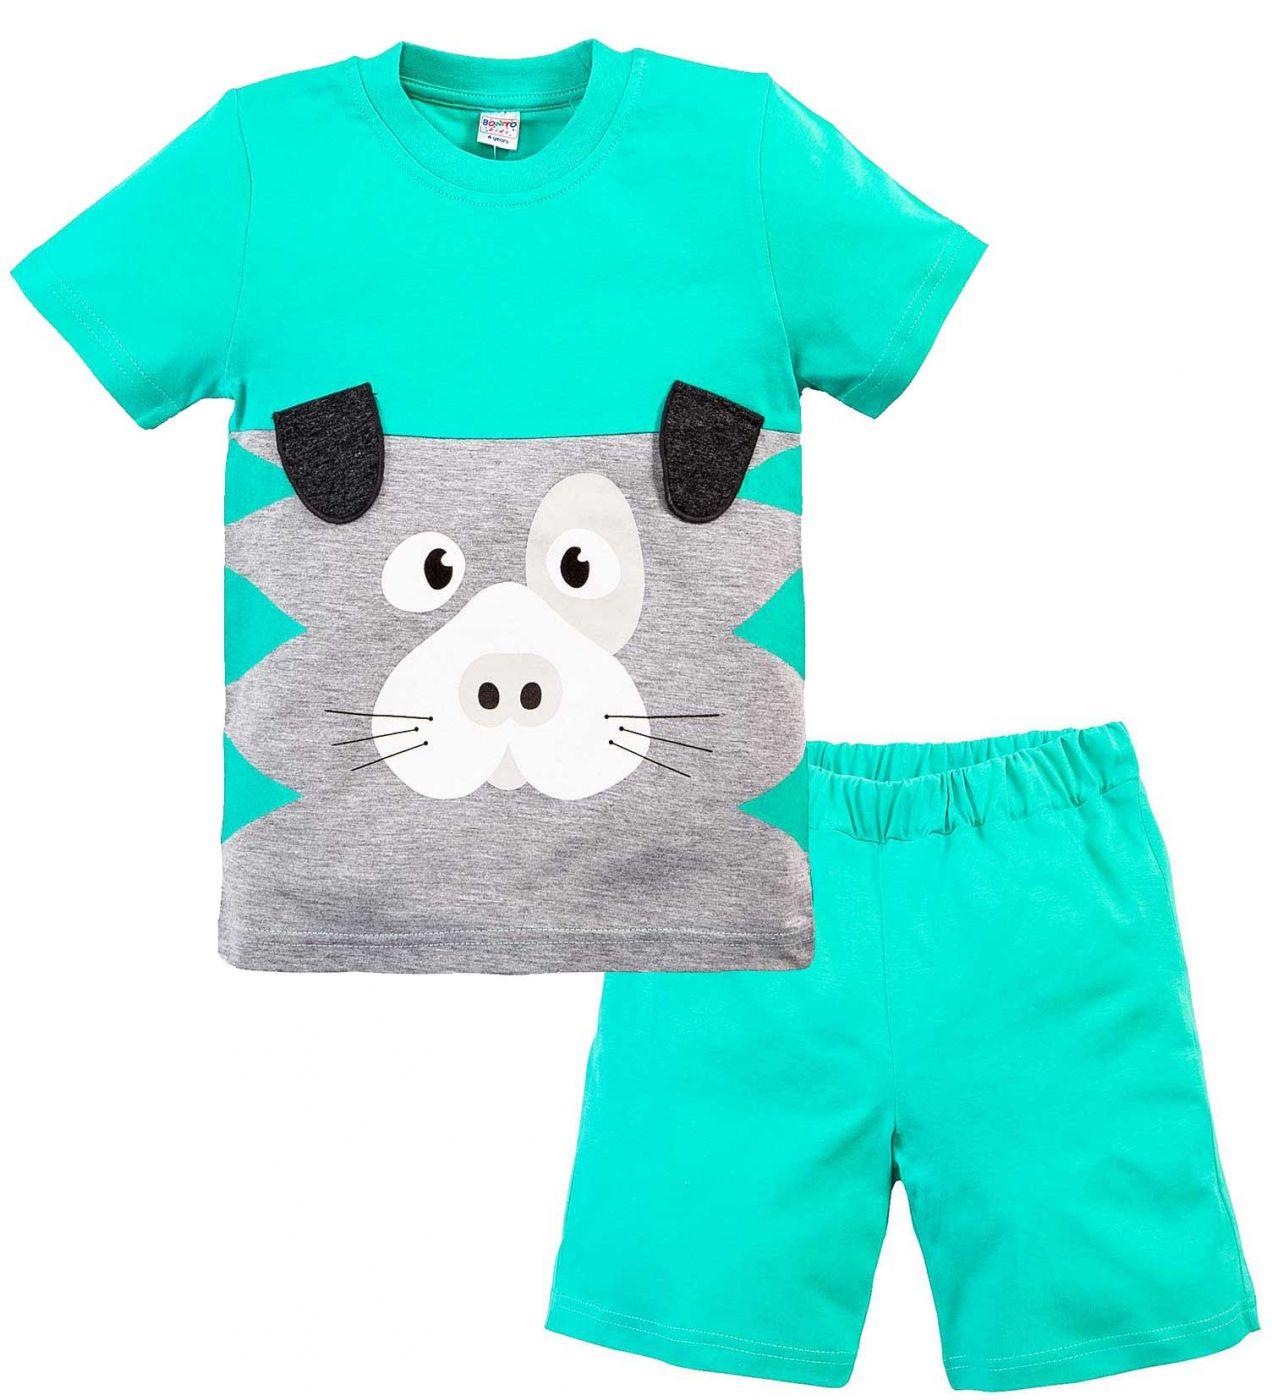 Костюм для мальчика Bonito зеленый с мордочкой собачки